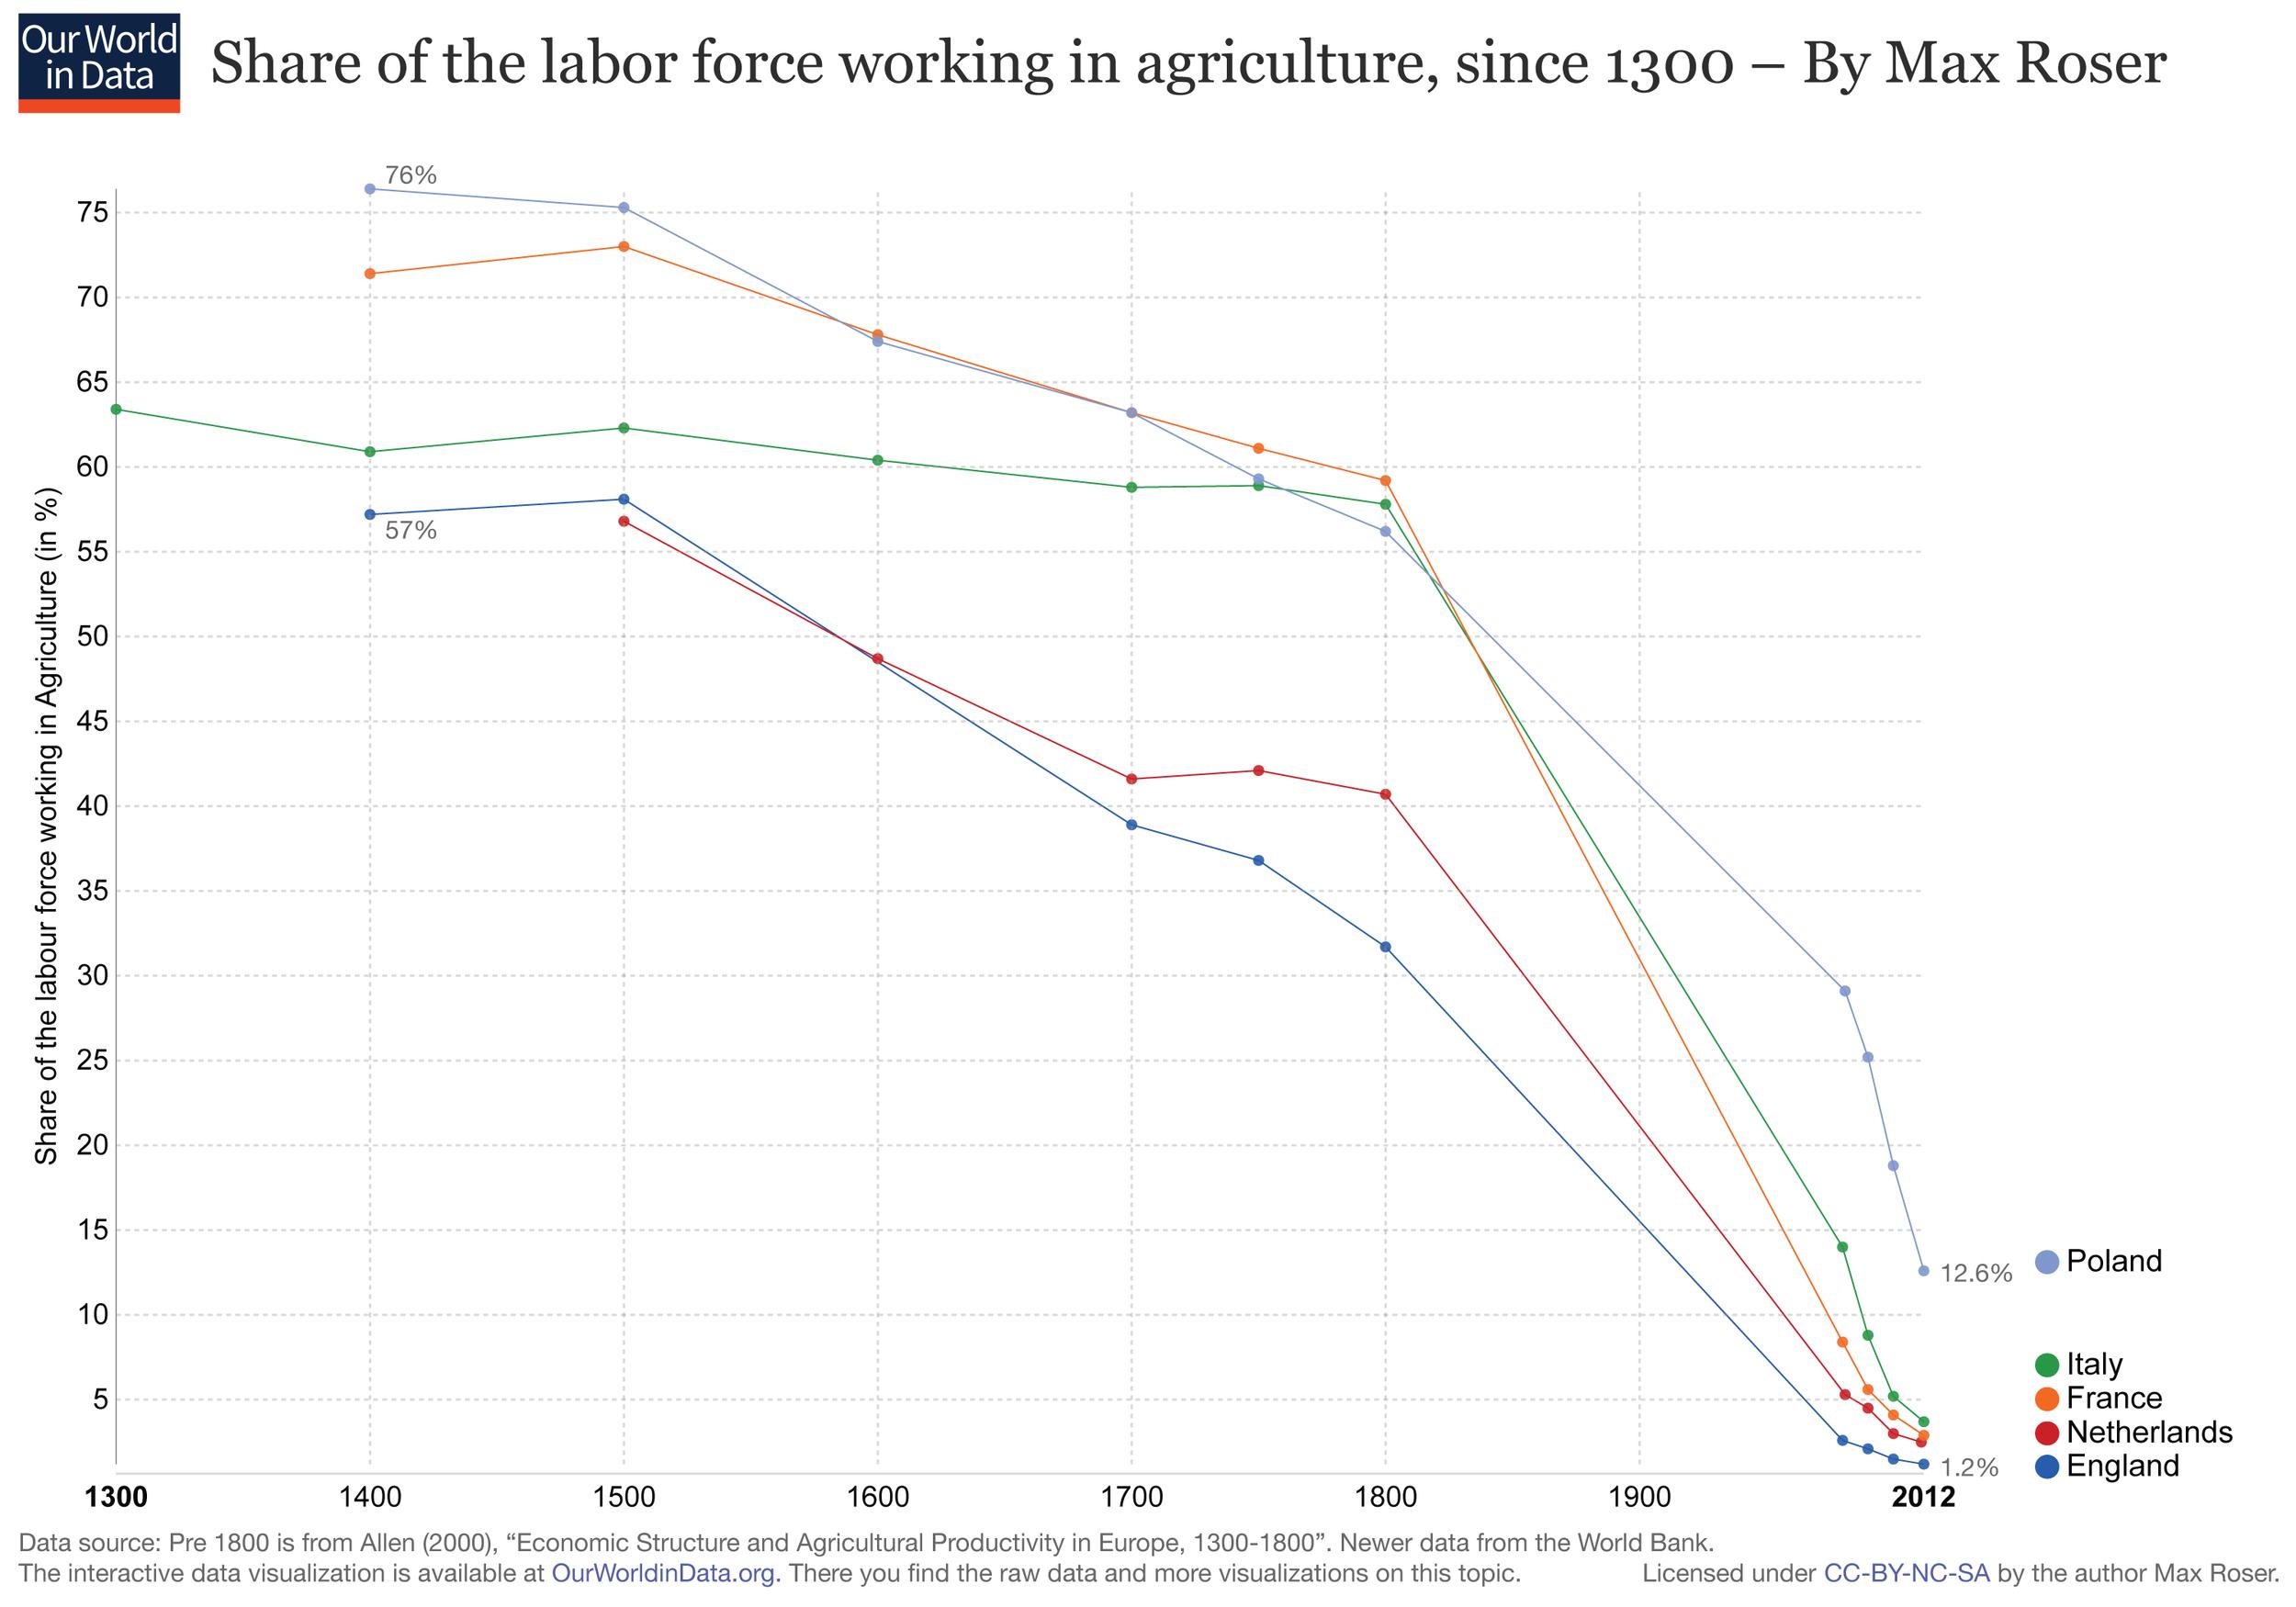 Fransa'da 1400'lerde, her 100 kişinin 70'ten fazlası çiftçiydi. Bugünse 100 kişiden 2'si çiftçi.